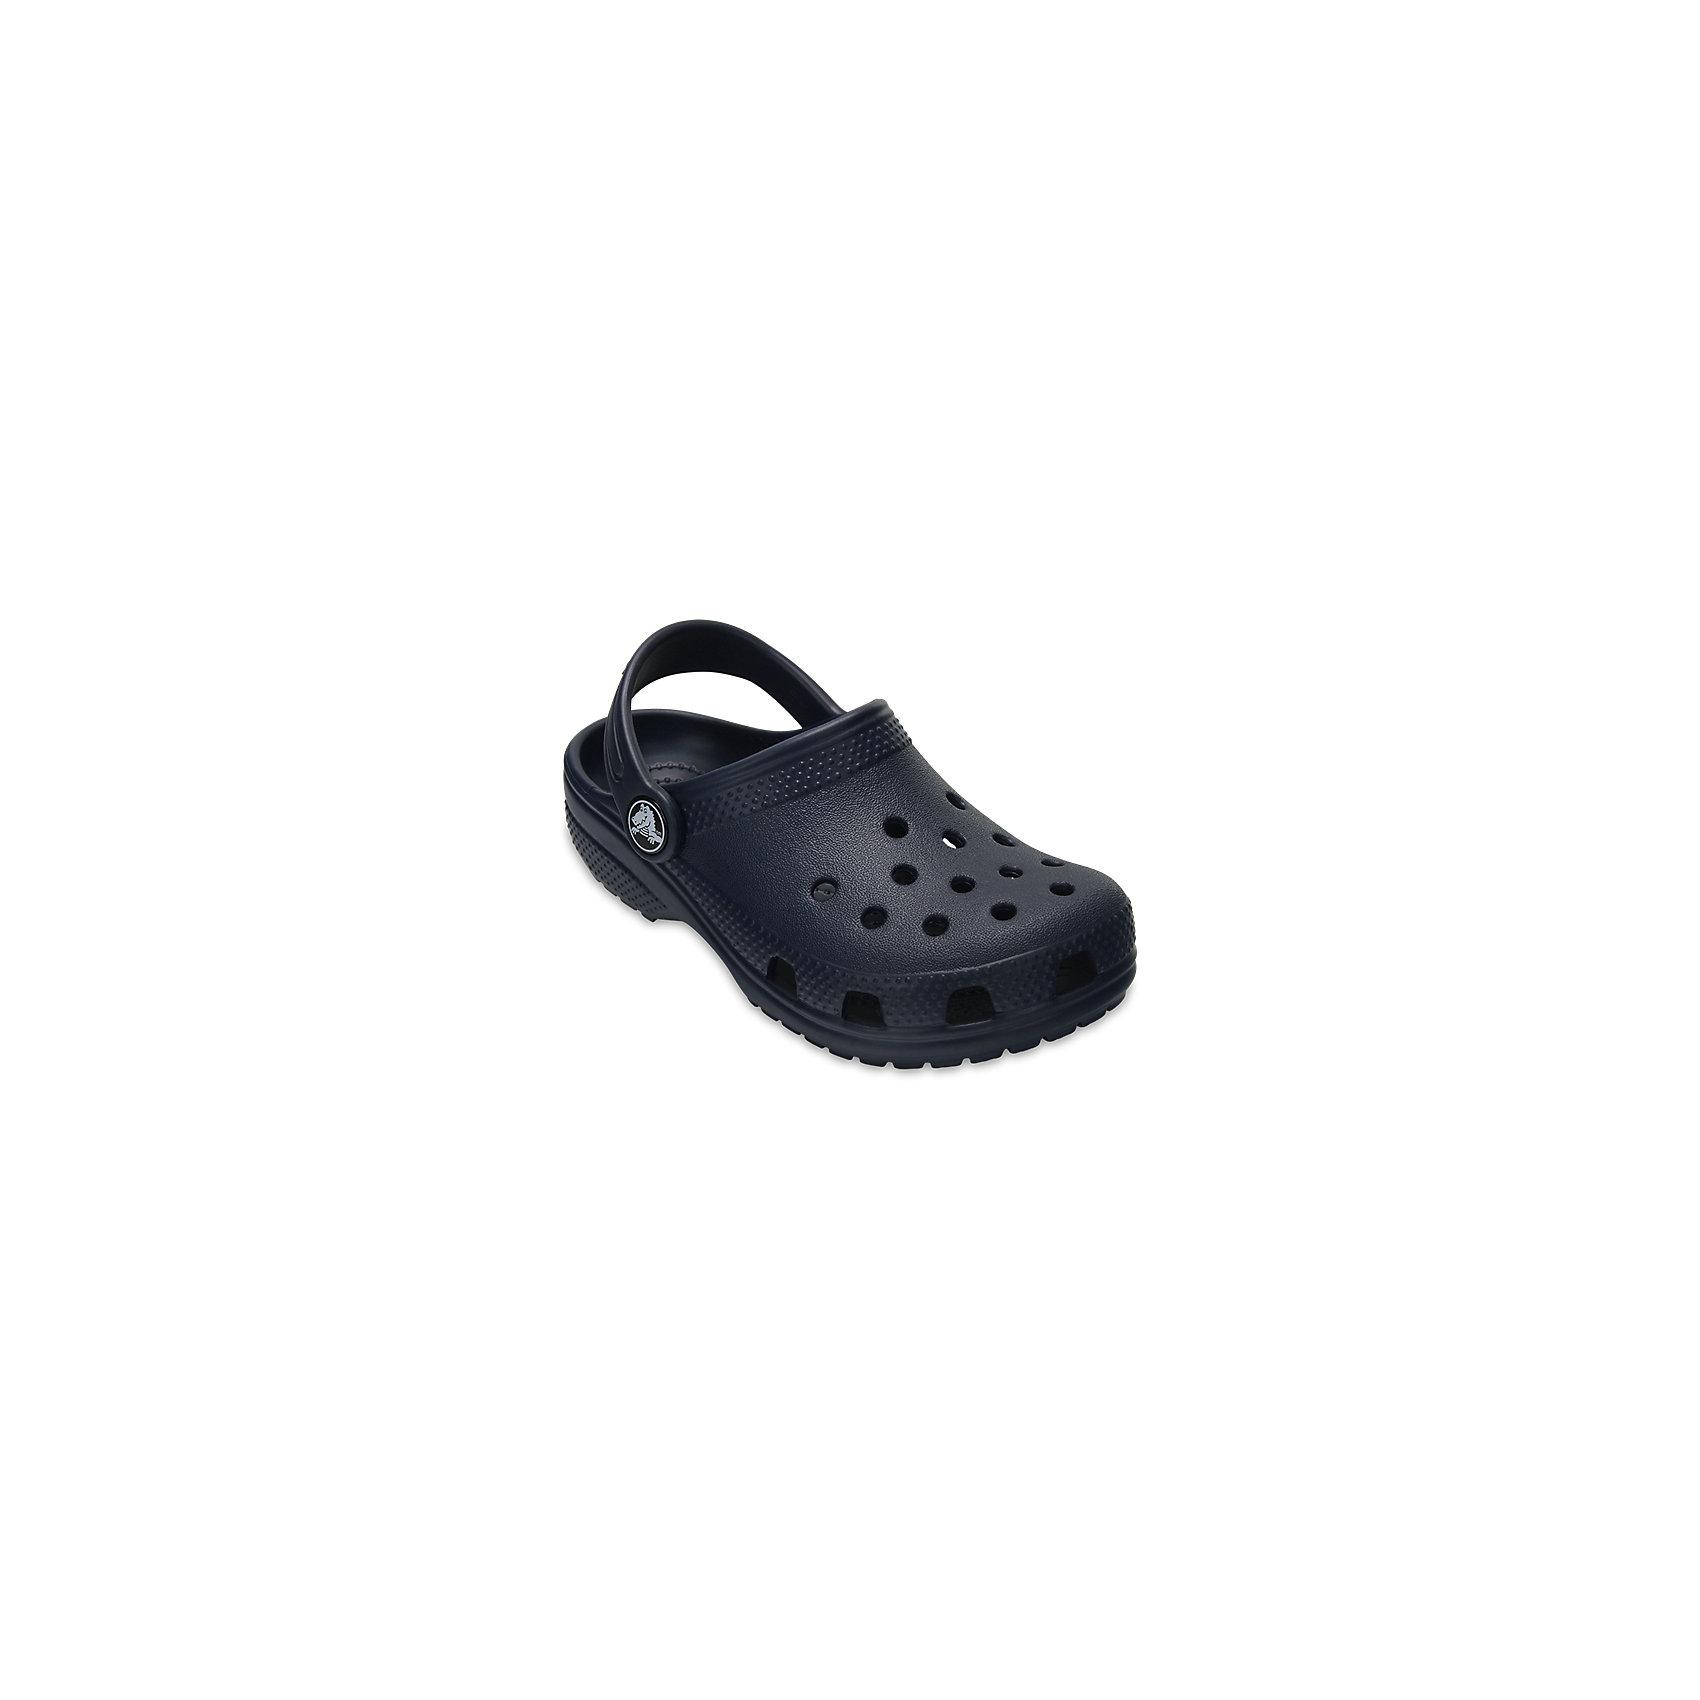 Сабо Classic clog CROCSПляжная обувь<br>Характеристики товара:<br><br>• цвет: черный<br>• сезон: лето<br>• тип: пляжная обувь<br>• материал: 100% полимер Croslite™<br>• литая модель<br>• вентиляционные отверстия<br>• бактериостатичный материал<br>• пяточный ремешок фиксирует стопу<br>• толстая устойчивая подошва<br>• отверстия для использования украшений<br>• анатомическая стелька с массажными точками<br>• страна бренда: США<br>• страна изготовитель: Китай<br><br>Сабо Classic clog обеспечивают детям необходимый комфорт, а анатомическая стелька с массажными линиями для стимуляции кровообращения позволяет ножкам дольше не уставать. <br><br>Материал, из которого они сделаны, не дает размножаться бактериям, поэтому такая обувь препятствует образованию неприятного запаха и появлению болезней стоп. <br><br>Обувь от американского бренда Crocs в данный момент завоевала широкую популярность во всем мире, и это не удивительно - ведь она невероятно удобна. <br><br>Сабо Classic clog от торговой марки Crocs можно купить в нашем интернет-магазине.<br><br>Ширина мм: 225<br>Глубина мм: 139<br>Высота мм: 112<br>Вес г: 290<br>Цвет: синий<br>Возраст от месяцев: 15<br>Возраст до месяцев: 18<br>Пол: Унисекс<br>Возраст: Детский<br>Размер: 22,23,24,25,26,31/32,33/34,34/35,27,28,29,30,21<br>SKU: 5416400